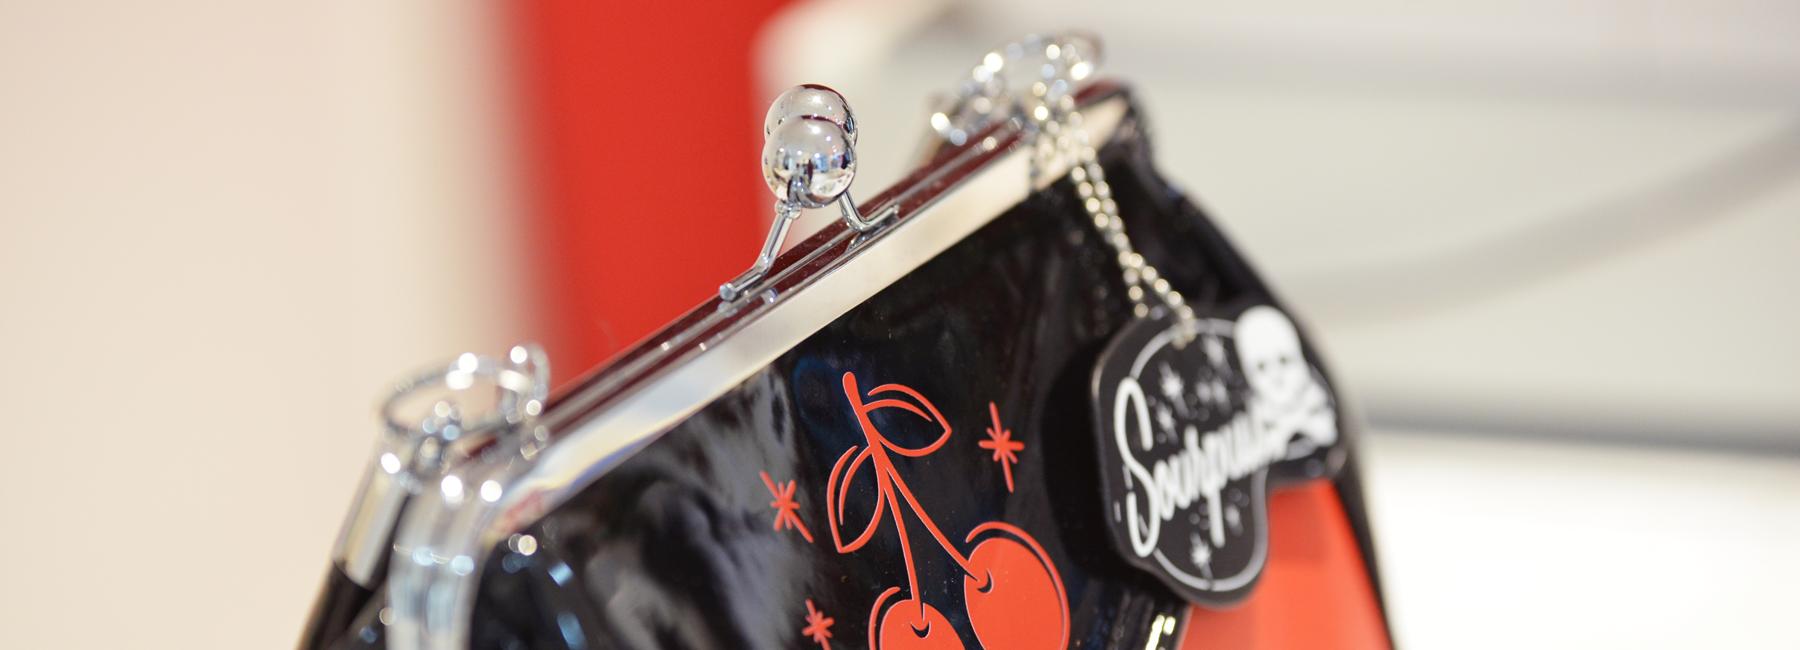 Auch eine echte Retro-Lady braucht einen Ort für Lippenstift, Oldtimerschlüssel, Geldbörse und Kaugummi. Gut, dass es bei Peggy Sue Vintage die schönsten Vintage-Handtaschen im Stil der 50er Jahre gibt!